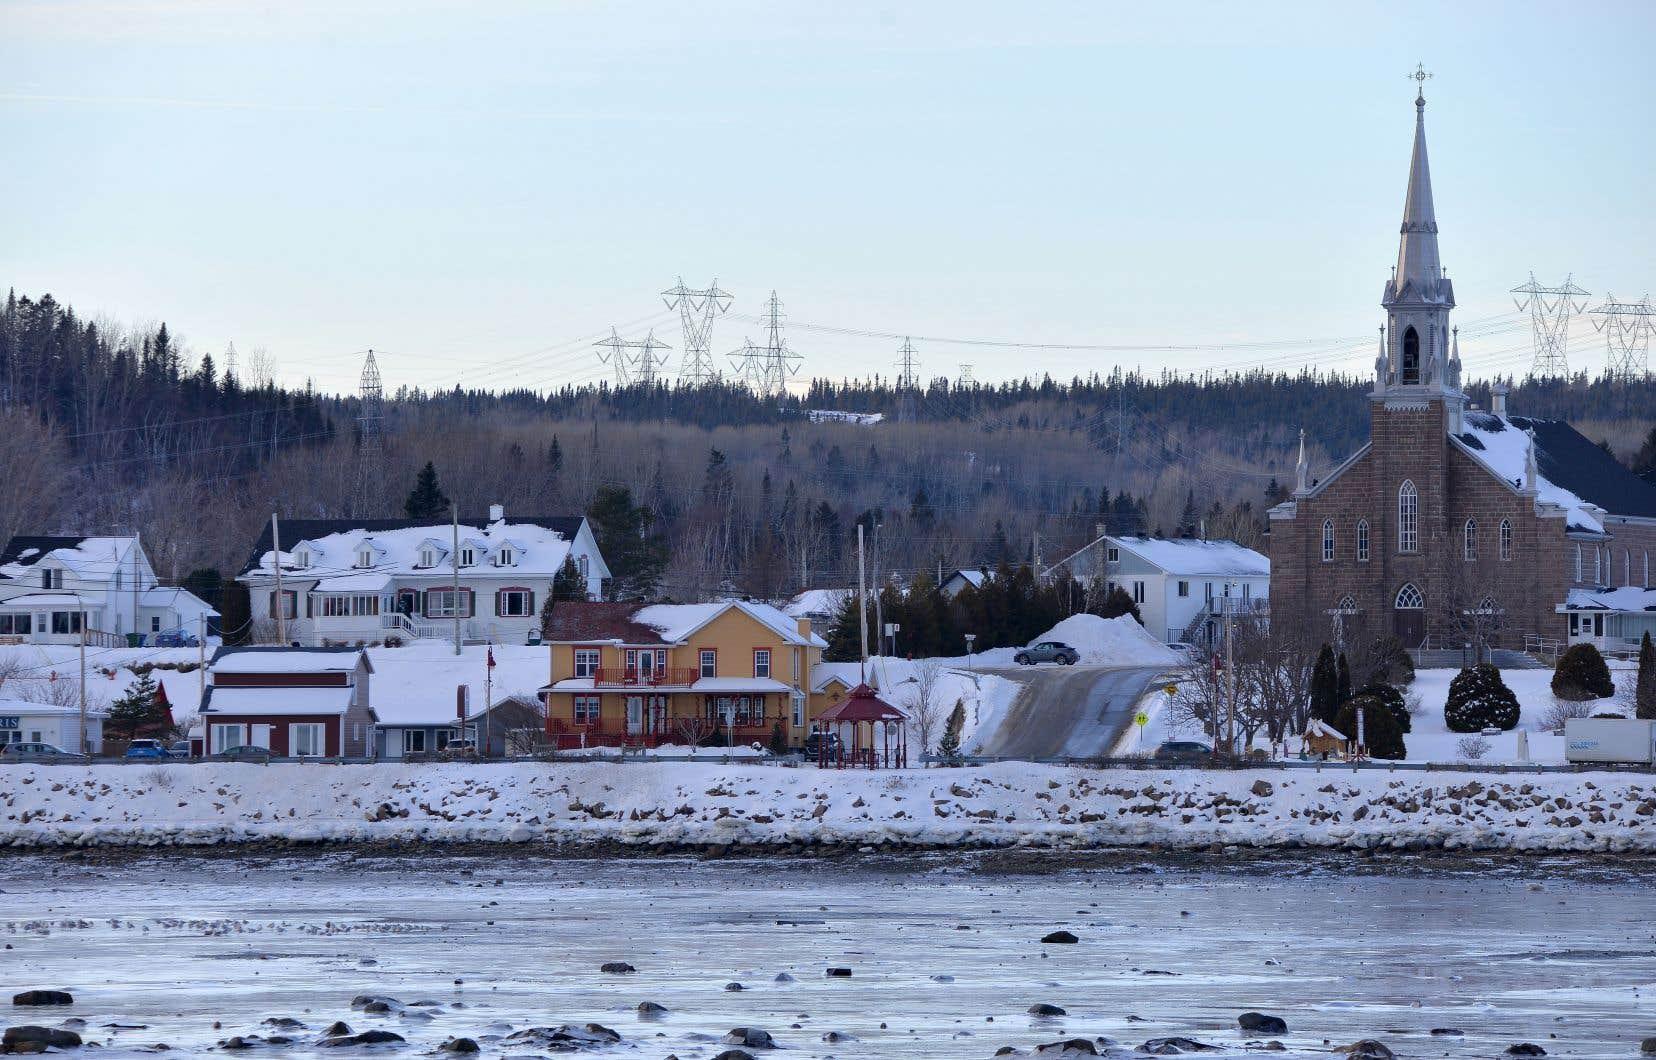 «Le gouvernement du Québec est responsable de notre territoire et il doit être un vecteur favorisant l'occupation et la vitalité de l'ensemble des régions», écrit l'auteur.